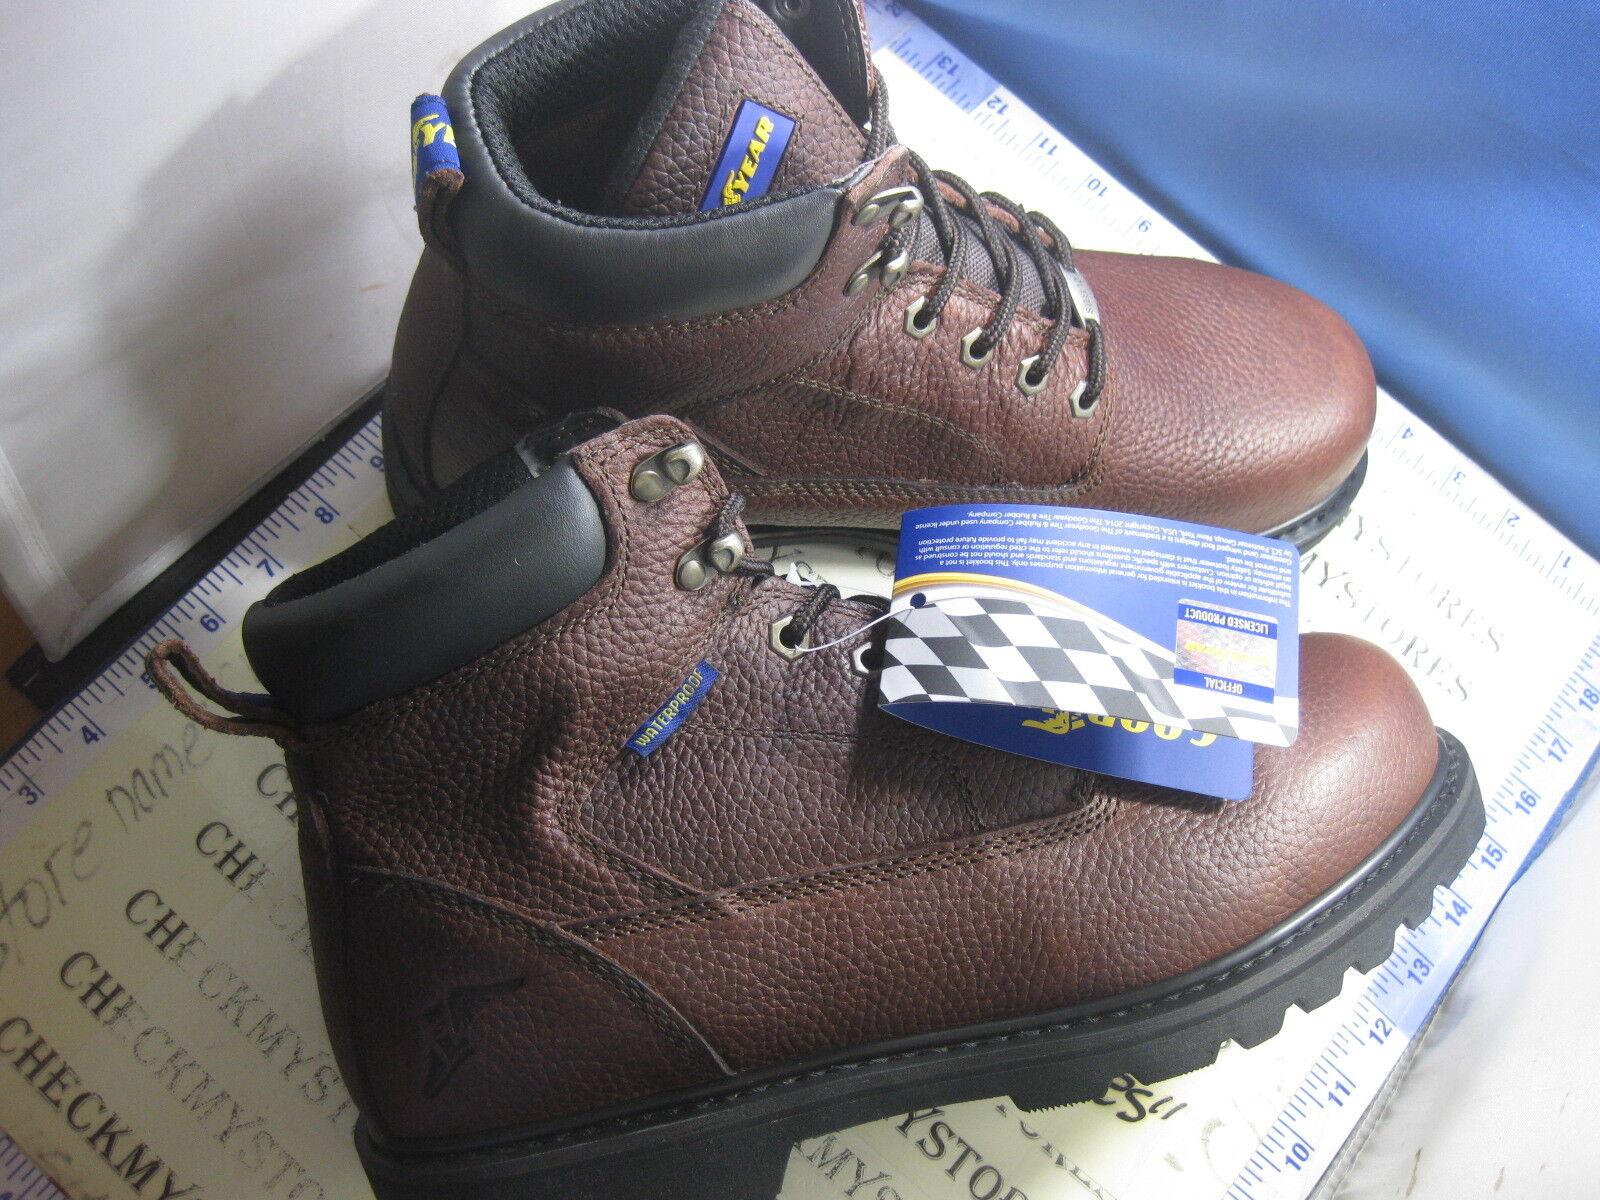 Nuevo Nuevo En Caja bueno 6  botas De Trabajo Seguridad EH Year Toe Impermeable GY6363 tracción